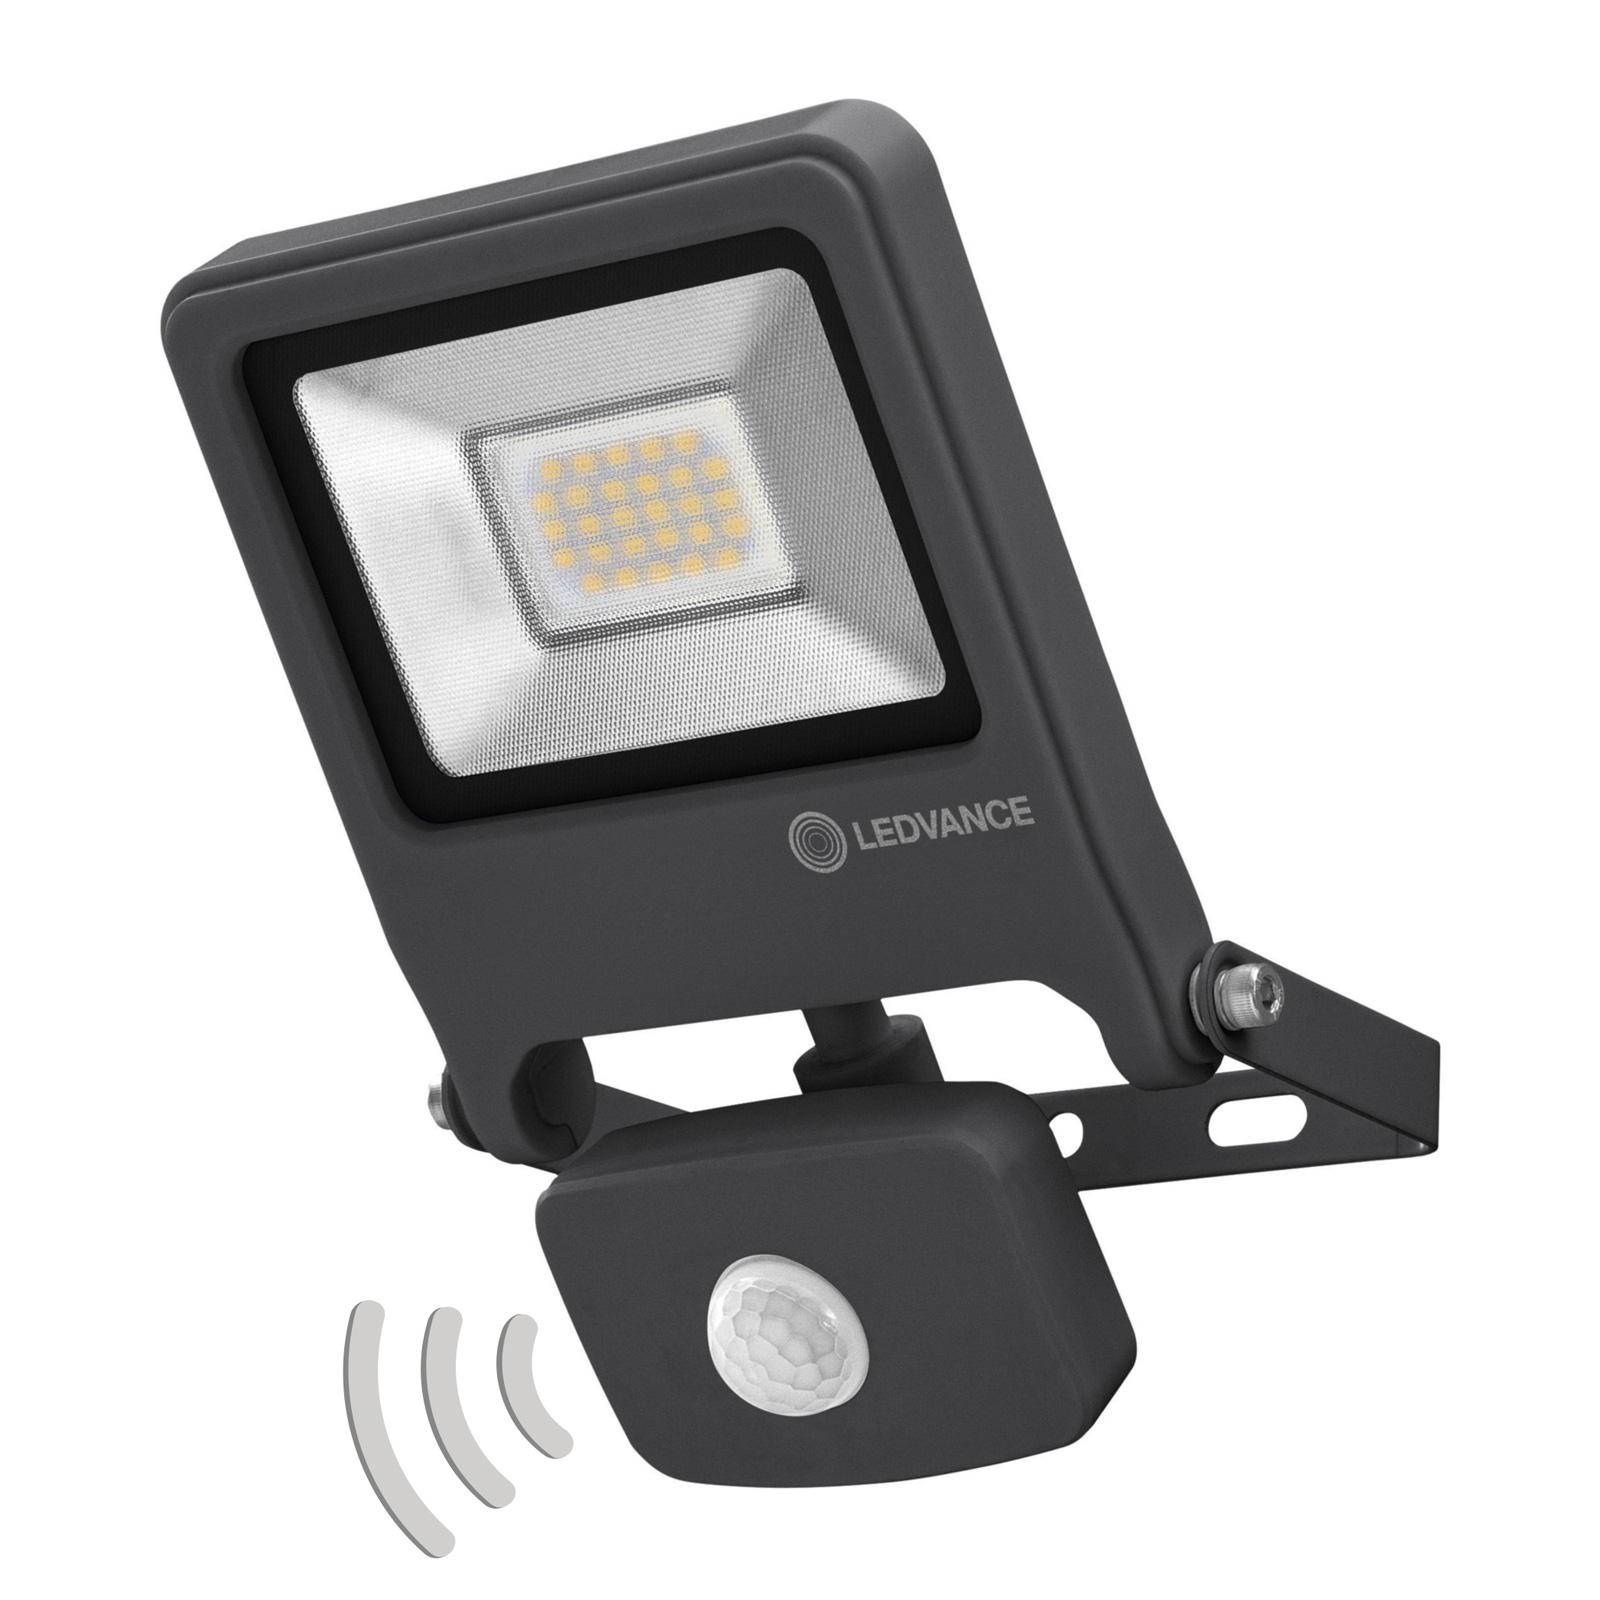 LEDVANCE Endura Flood sensor buitenspot 840 DG 20W